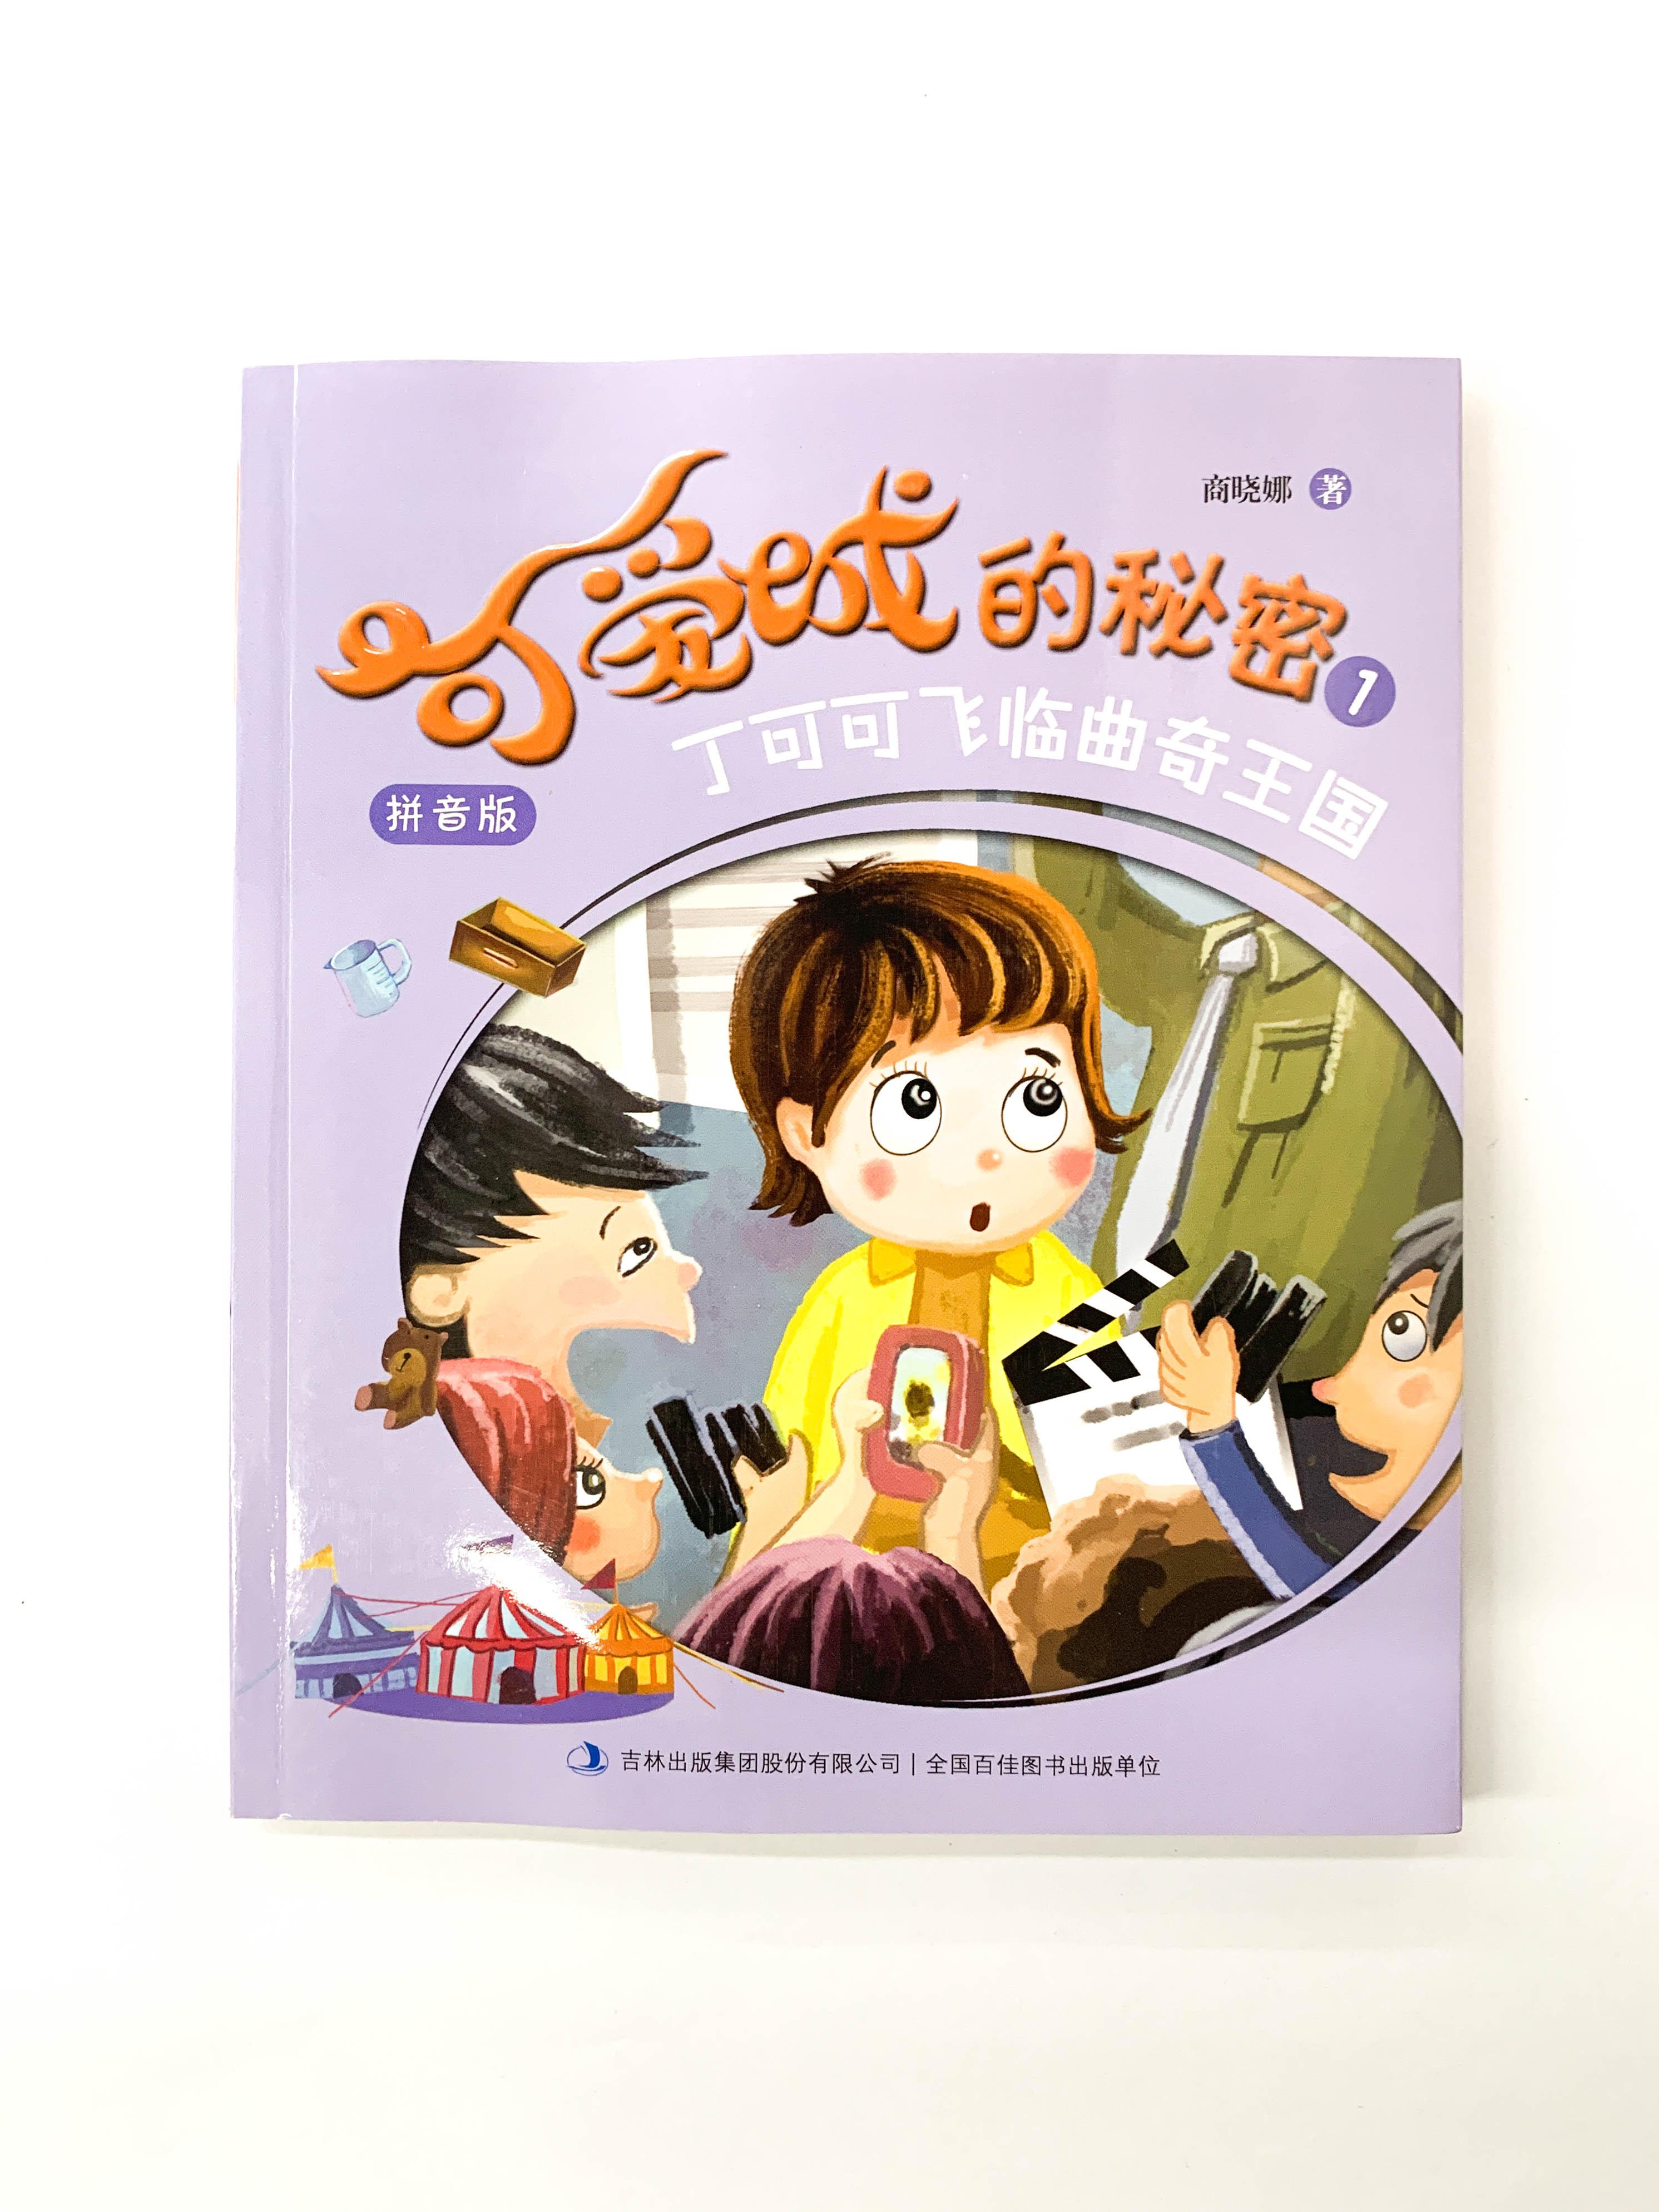 长春市博锐文化传媒有限公司:让孩子阅读绘本好处多多